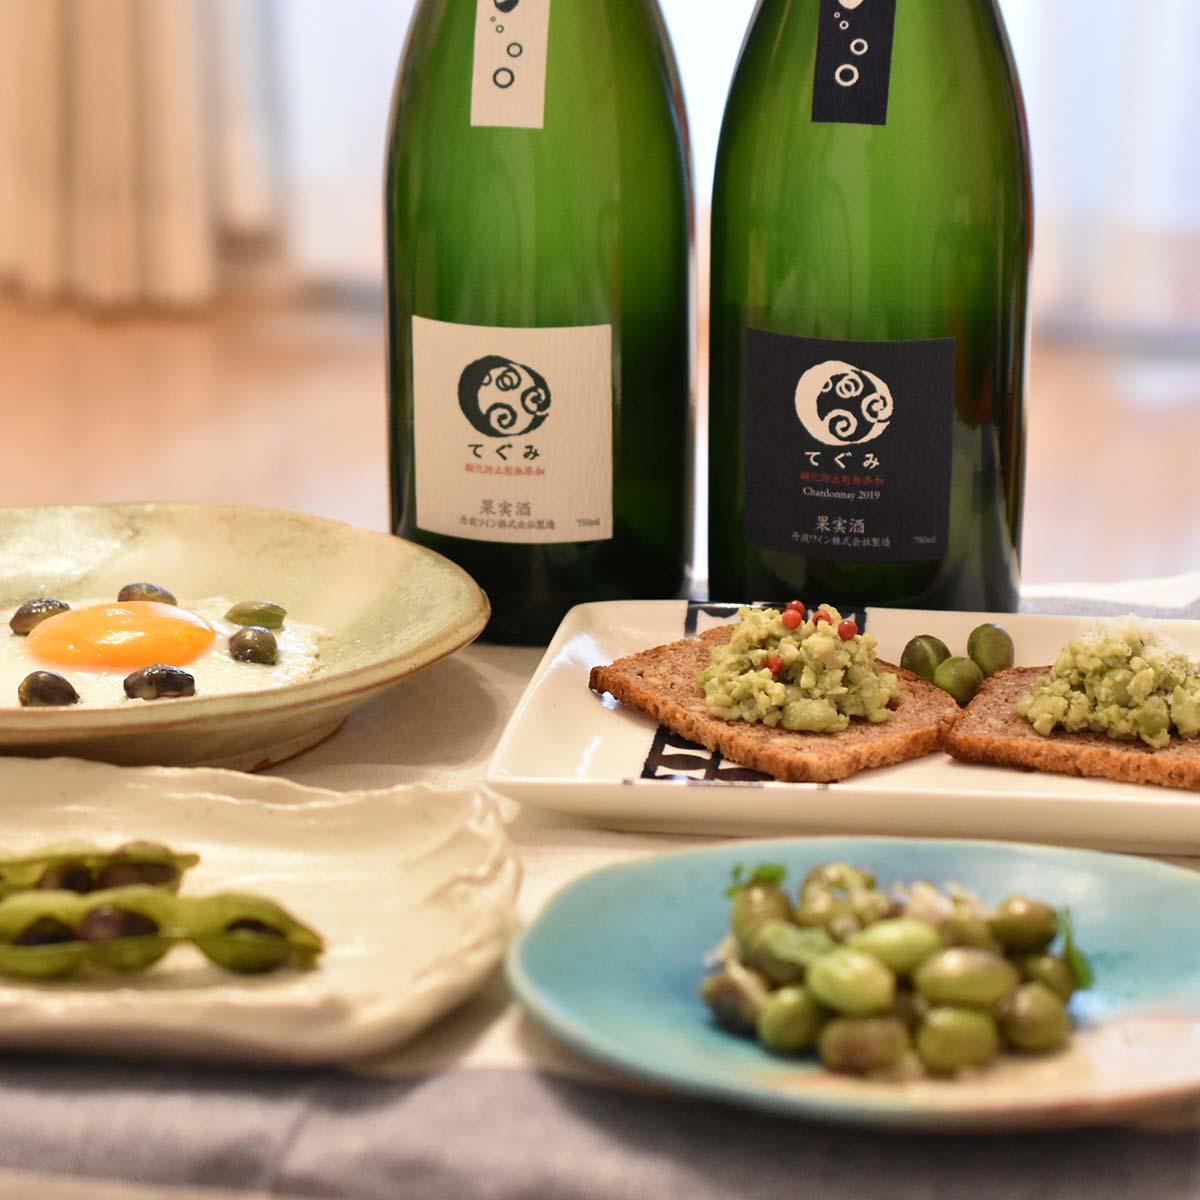 伴良美の季節の京野菜を楽しもう Vol4 丹波黒豆枝豆 四季